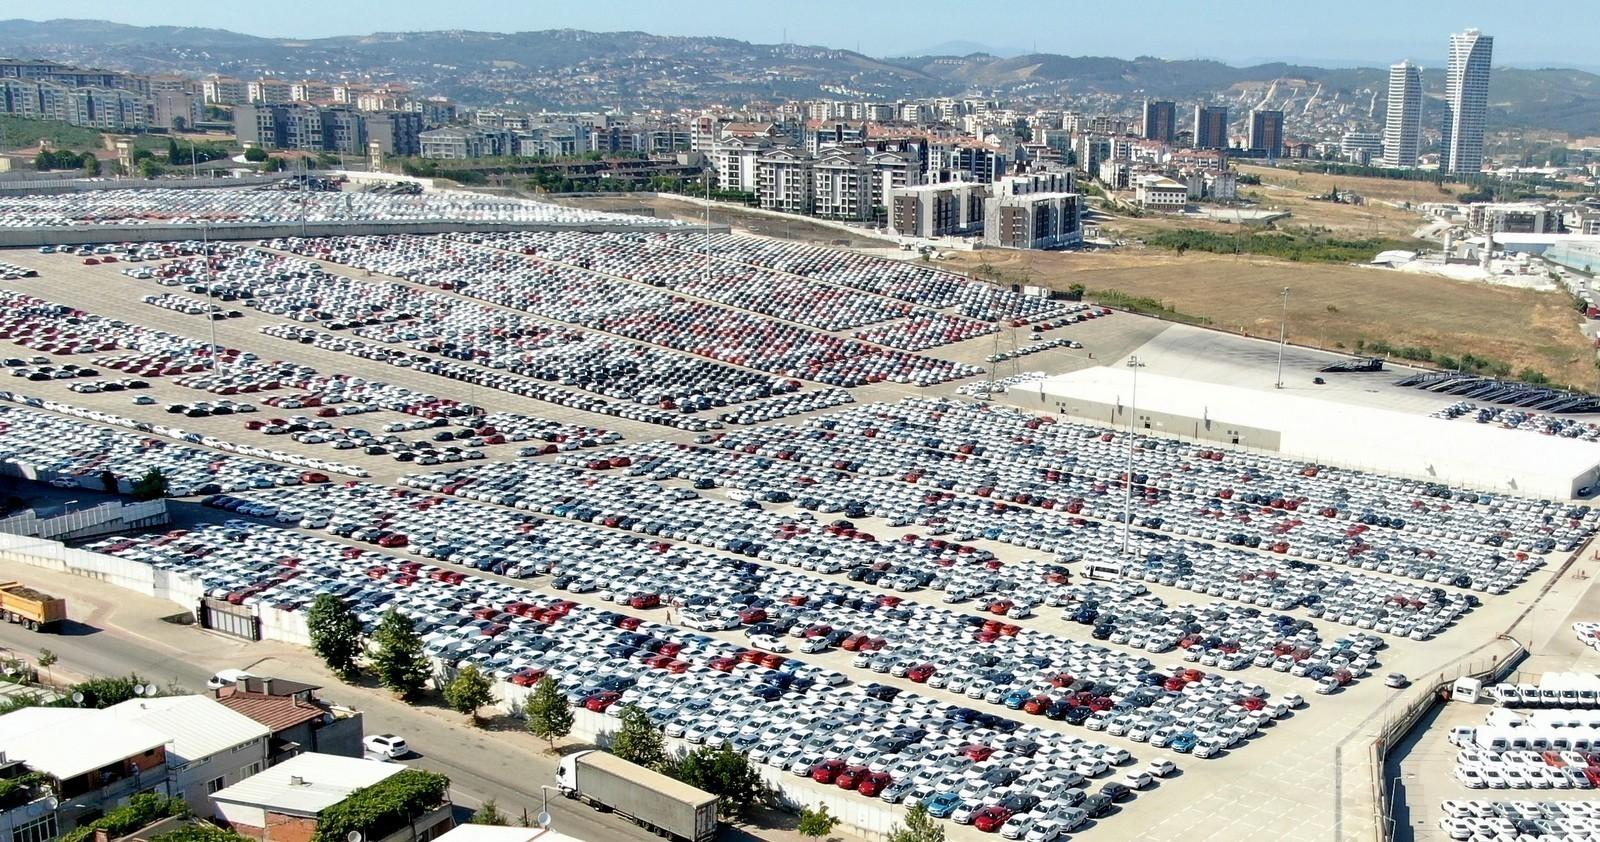 <p>Uludağ Otomotiv Endüstrisi İhracatçıları Birliği (OİB) verilerine göre, salgında ülke pazarlarının kapanmasından olumsuz etkilenen sektörlerden olan otomotiv, 2020 yılında bir önceki seneye göre yüzde 16,5 azalışla 25,5 milyar dolar ihracat gerçekleştirdi. Bununla birlikte otomotiv endüstrisi, Türkiye ihracatını yine ilk sırada tamamlayarak 15'inci şampiyonluğunu ilan etti.</p> <p></p> <p>Türkiye ve dünya korona virüs sebebiyle özellikle 2020 Mart, Nisan ve Mayıs döneminde çok ciddi düşüşler yaşarken, revize edilen otomotiv sektörü, hedeflerinde üzerine çıkarak 2020 yılını 25,5 milyar dolar ihracatla 15. şampiyonluğunu ilan etti. 2021 yılına, hem salgına karşı aşı tedavilerinin başlaması, hem de Birleşik Krallık ile imzalanan Serbest Ticaret Anlaşmasıyla moral ve motivasyonla girildi. 2021 yılında AB başta olmak üzere tüm hedef pazarlara çok daha iyi rakamlarla ihracat yapılması hedefleniyor. Türkiye otomotiv endüstrisi, salgına rağmen 2020 yılında üst üste 15. ihracat şampiyonluğuna ulaştı. Otomotiv, 2020 yılında bir önceki seneye göre yüzde 16,5 azalışla 25,5 milyar dolar ihracat gerçekleştirdi.</p> <p></p> <p>Otomotiv, sonbahar aylarında yakaladığı artış grafiğini ise geçen yıl son ayında da sürdürdü. Aralık ayında sektör ihracatı bir önceki senenin aynı dönemine göre yüzde 10 artışla 2,8 milyar dolar oldu. Otomotiv, aralıktaki artışla 2020 yılının aylık bazdaki en yüksek 2. ihracat rakamına ulaştı. Böylece endüstrinin son dört aylık ihracat ortalaması 2,75 milyar dolar oldu. Aralık ayı performansıyla Türkiye ihracatında yine ilk sırada yer alan sektörün aldığı pay ise yüzde 15,7 oldu. Aralık ayında tedarik endüstrisi ihracatı yüzde 18, eşya taşımaya mahsus motorlu taşıtlar ihracatı yüzde 44 artarken, önemli pazarlardan Fransa'ya ihracatta yüzde 26, Birleşik Krallık'a ise yüzde 66 artış kaydedildi.</p> <p></p> <p>Ürün grupları bazında Binek otomobiller 2020 yılında geçen yıla göre yüzde 20 azalışla 9 milyar 534 milyon dolar ihracat gerçekleştirirken, tüm otomo